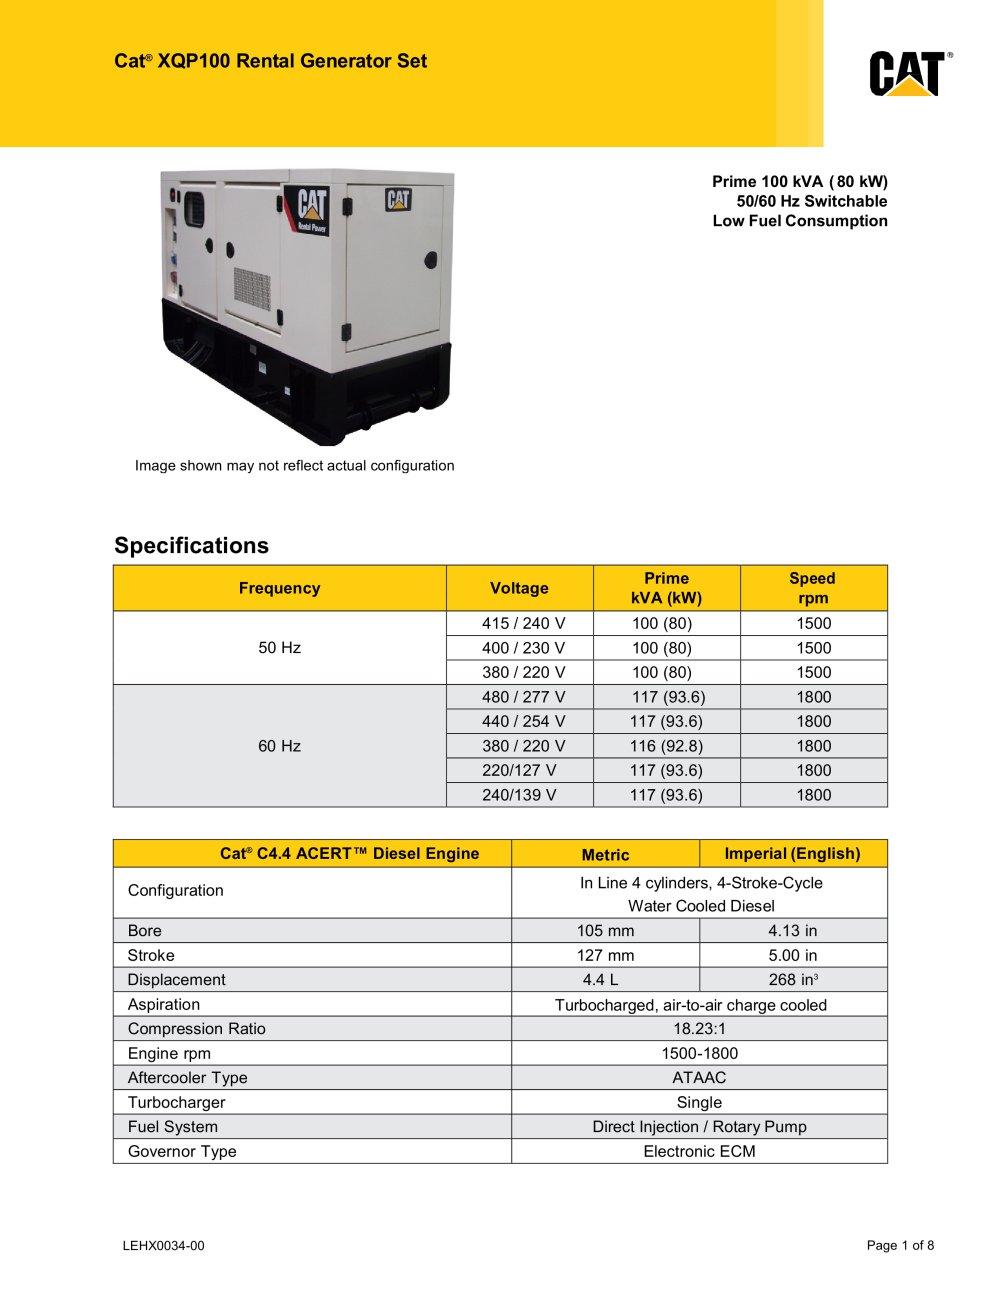 XQP100 Rental Generator Set (Low Fuel Consumption) - 1 / 8 Pages